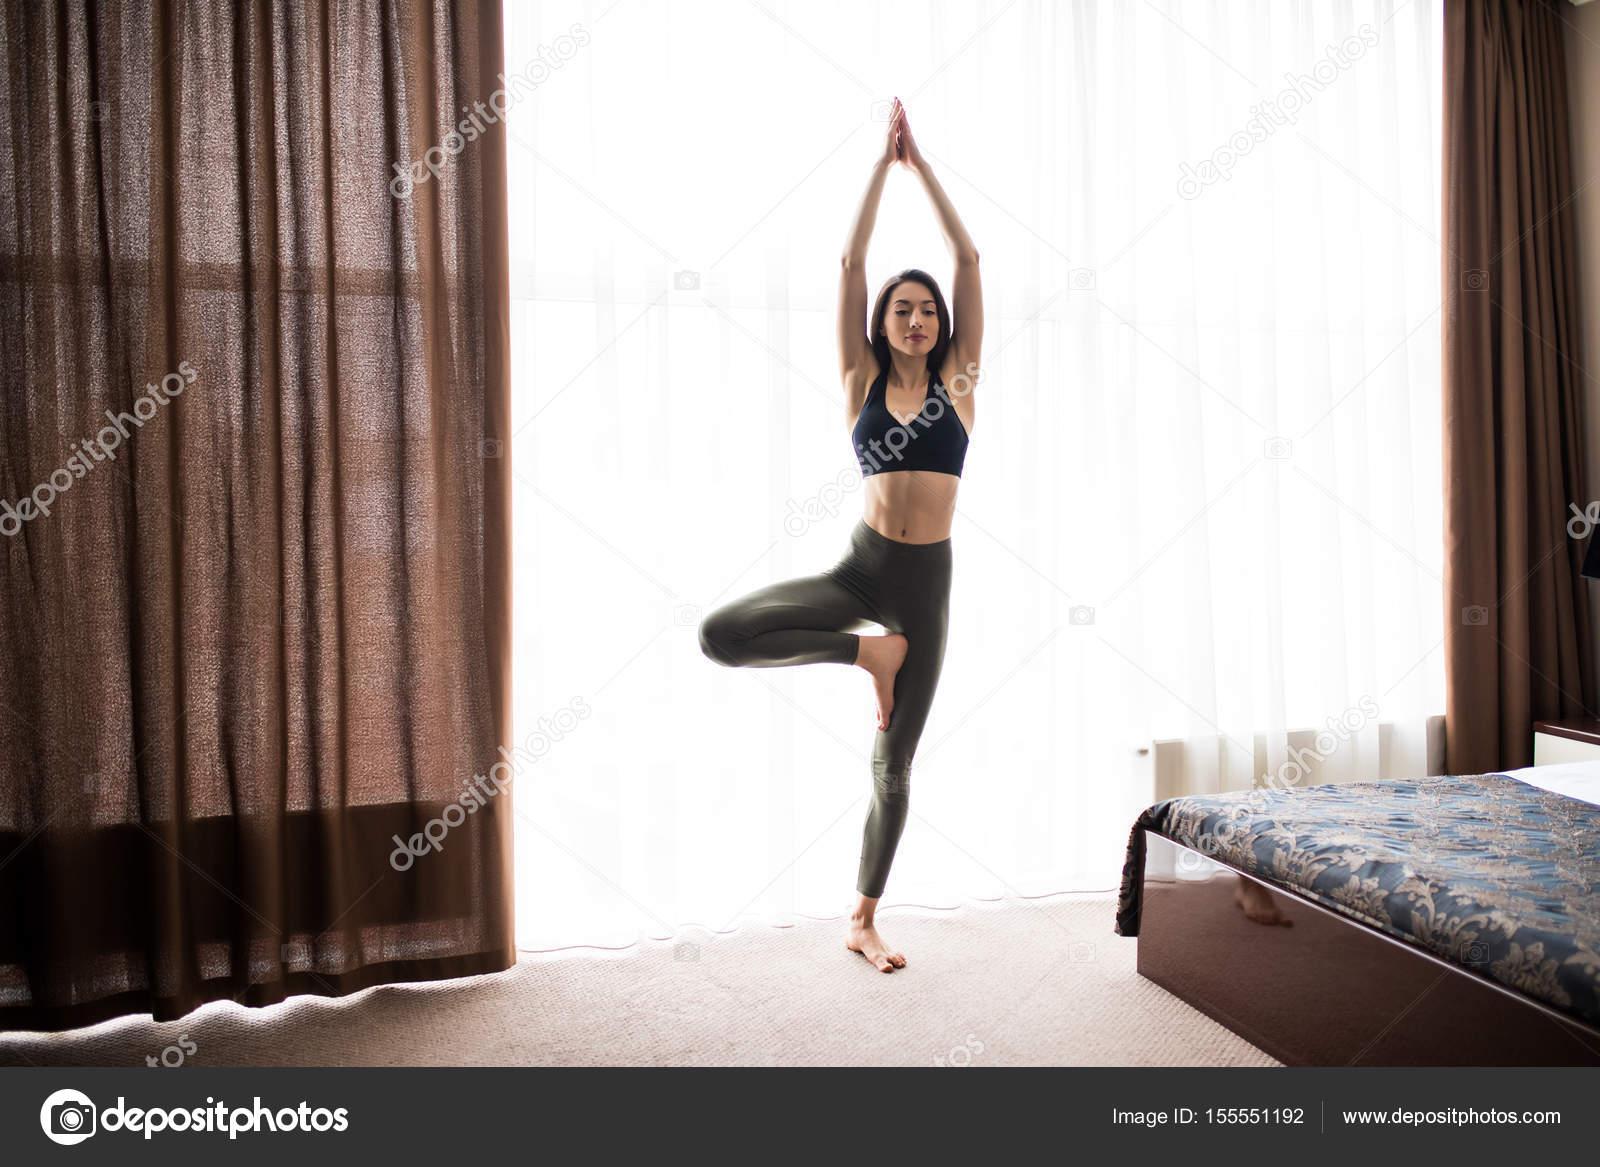 af440b569 Desempenho ioga mulher pose no chão em home studio - Pilates